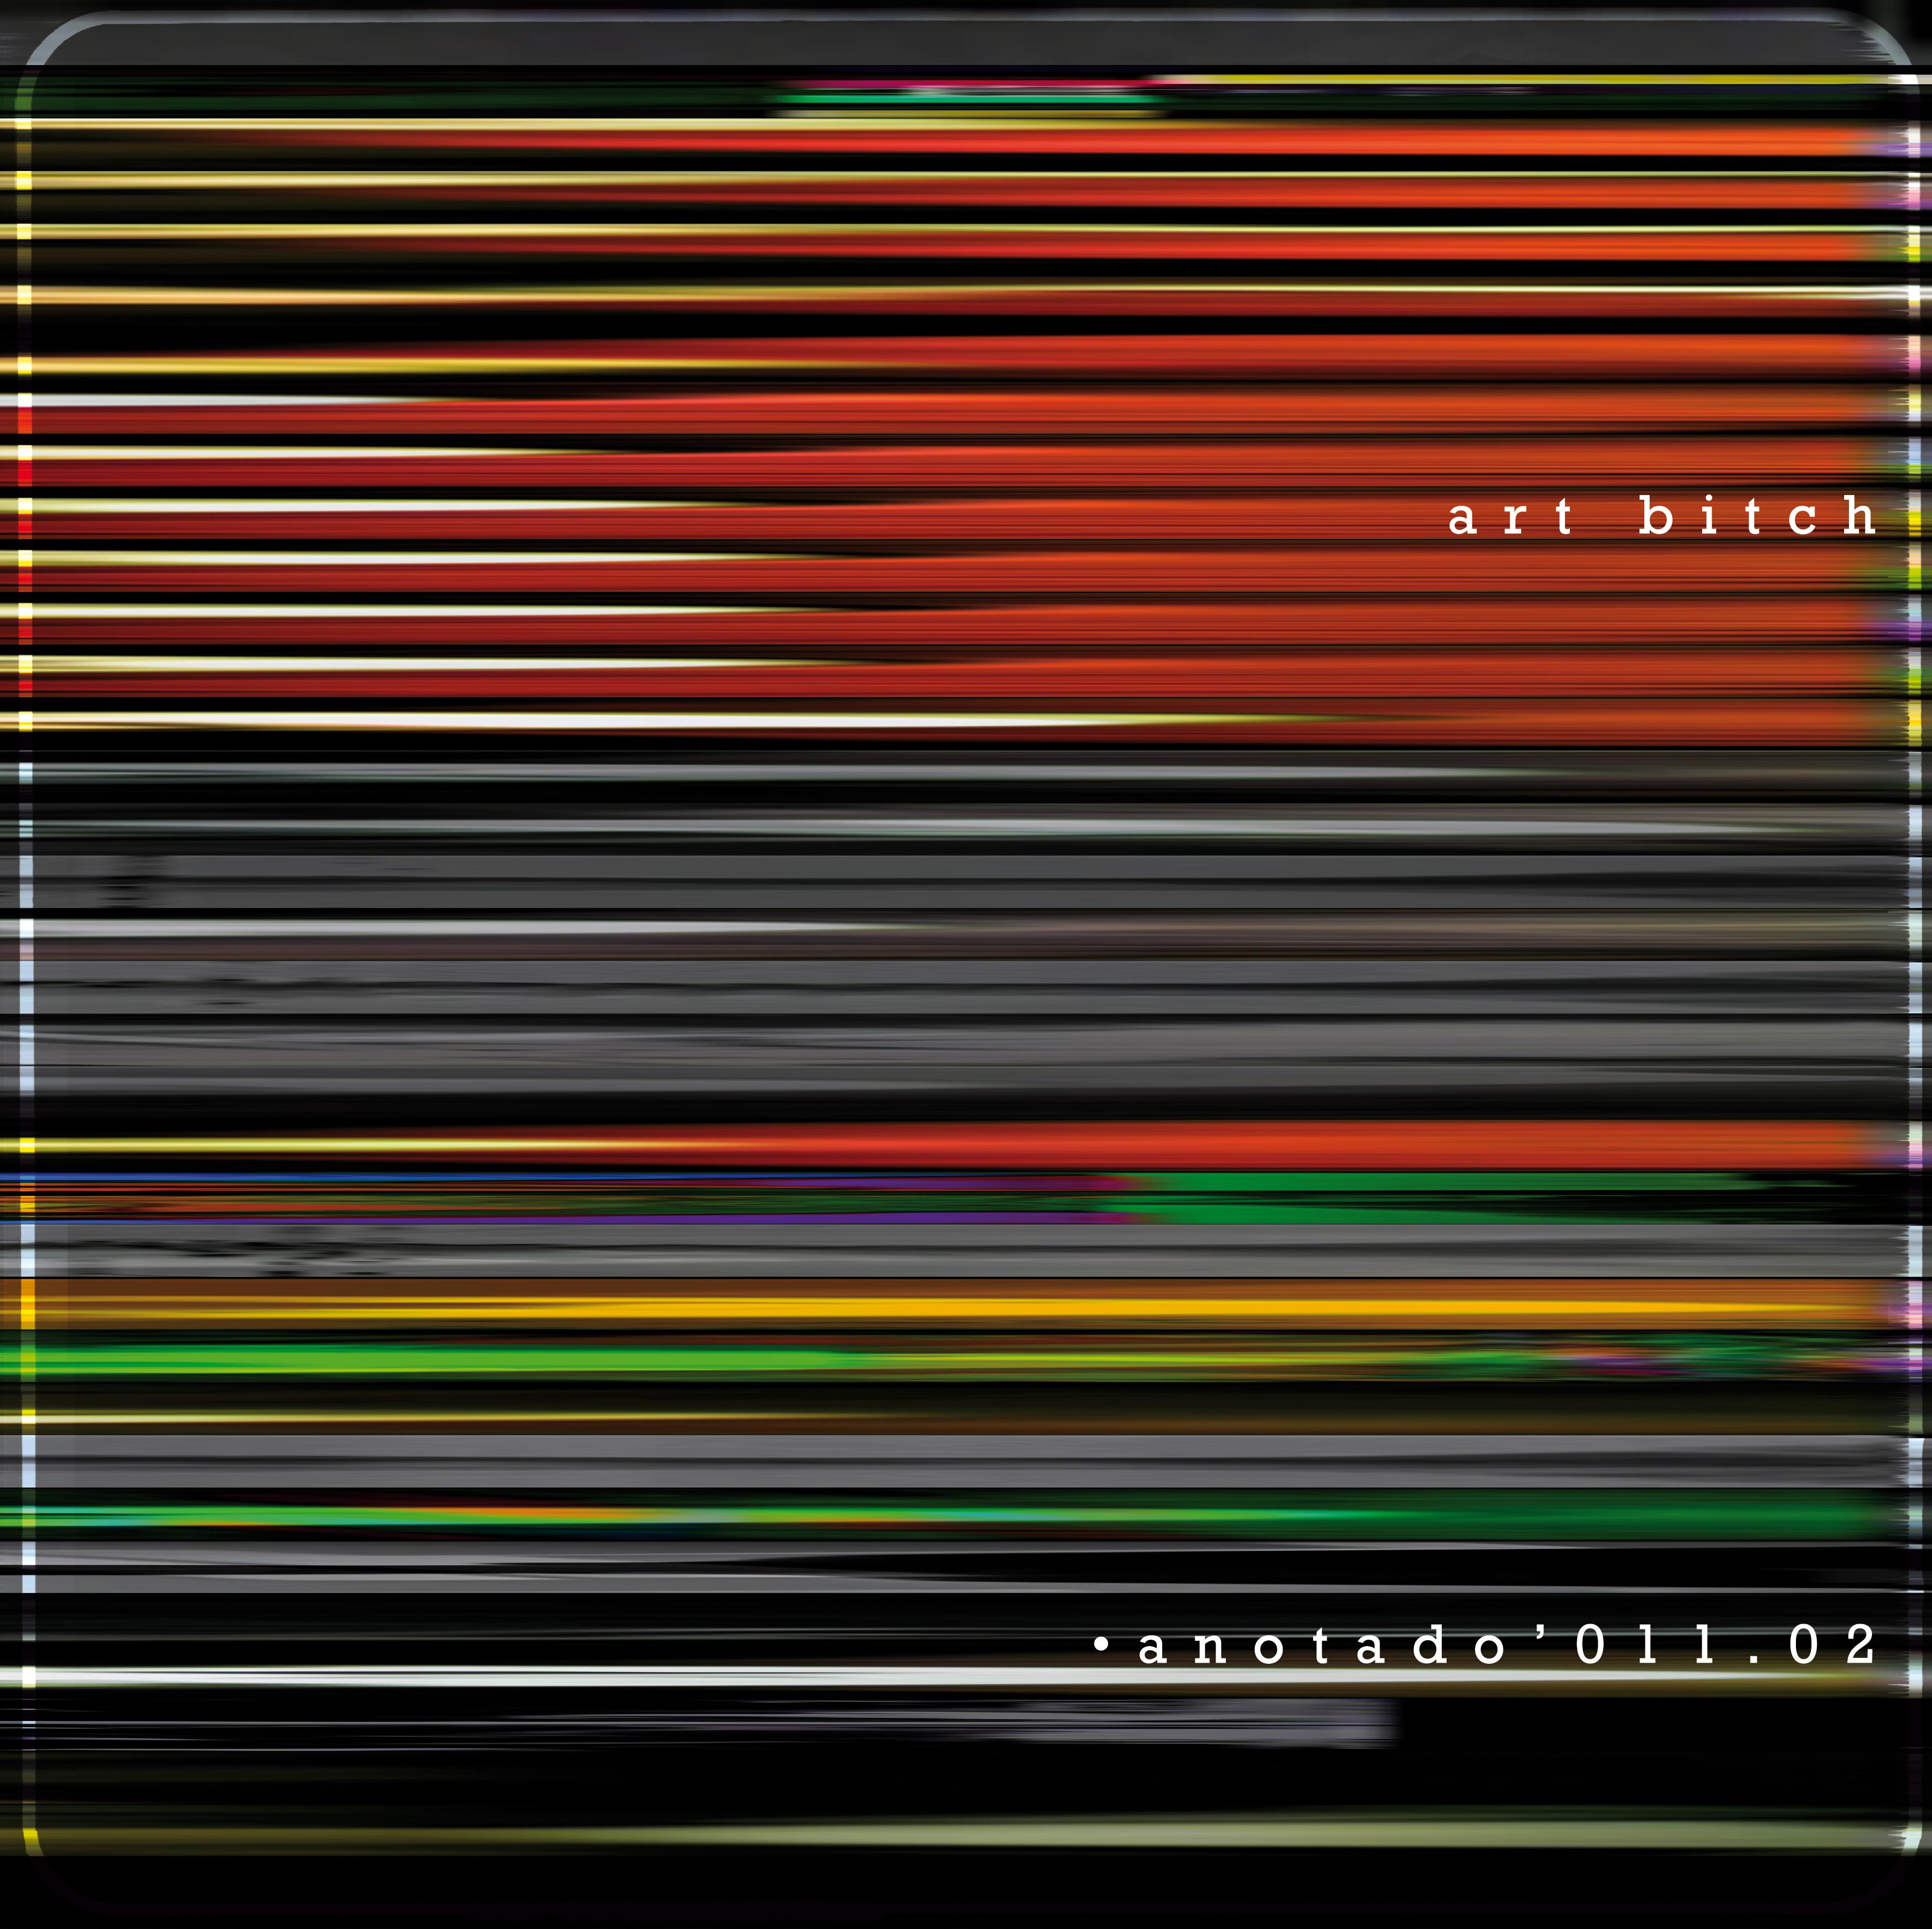 Portada del CD: •anotado'011.02_art-bitch